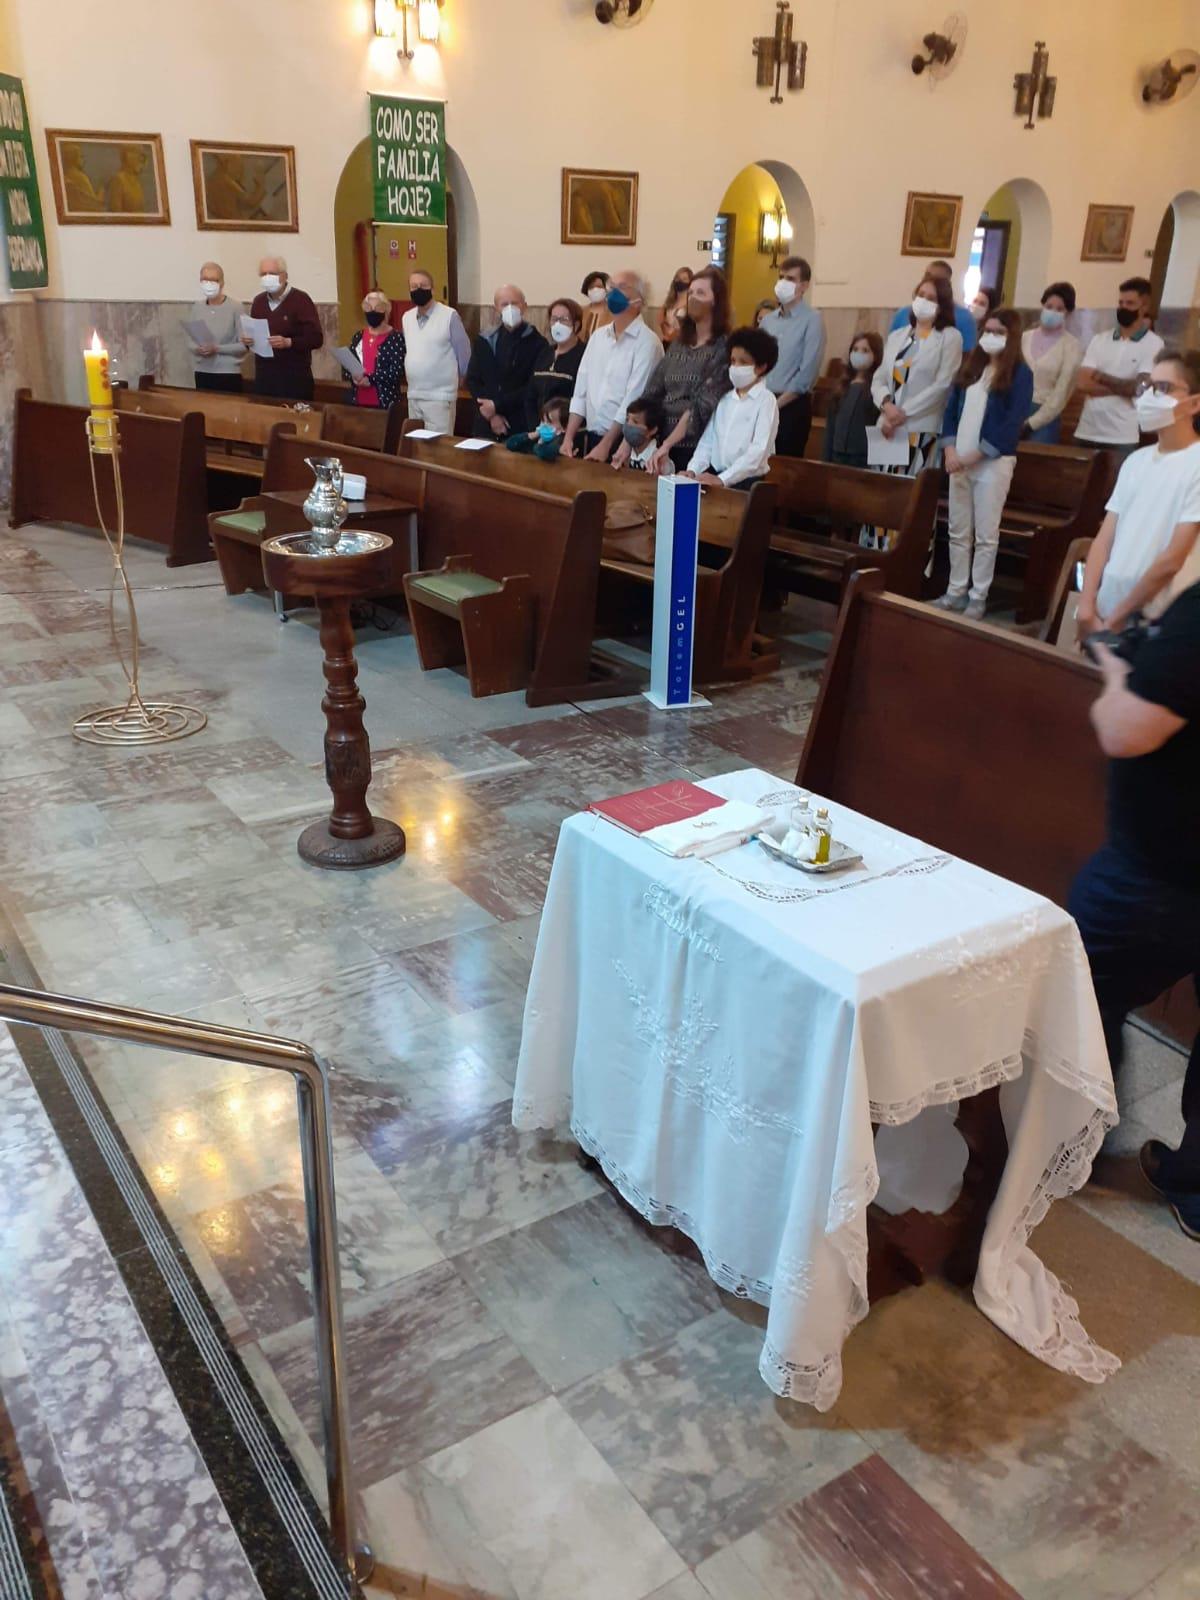 Eucaristia014